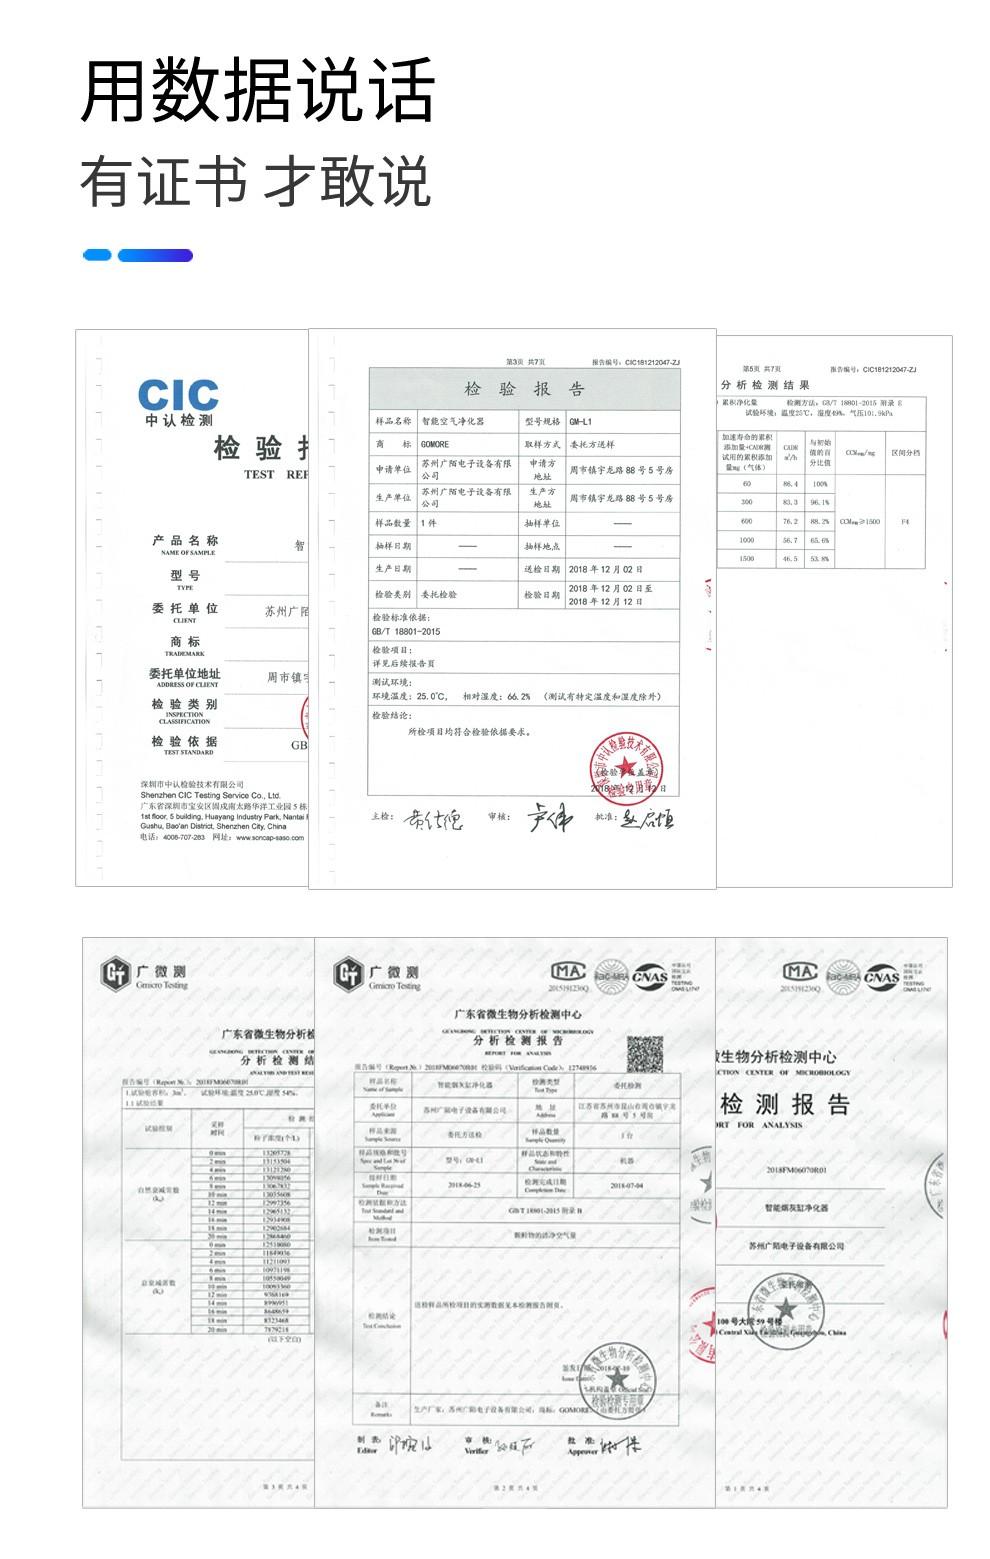 新建文件夹-2-13